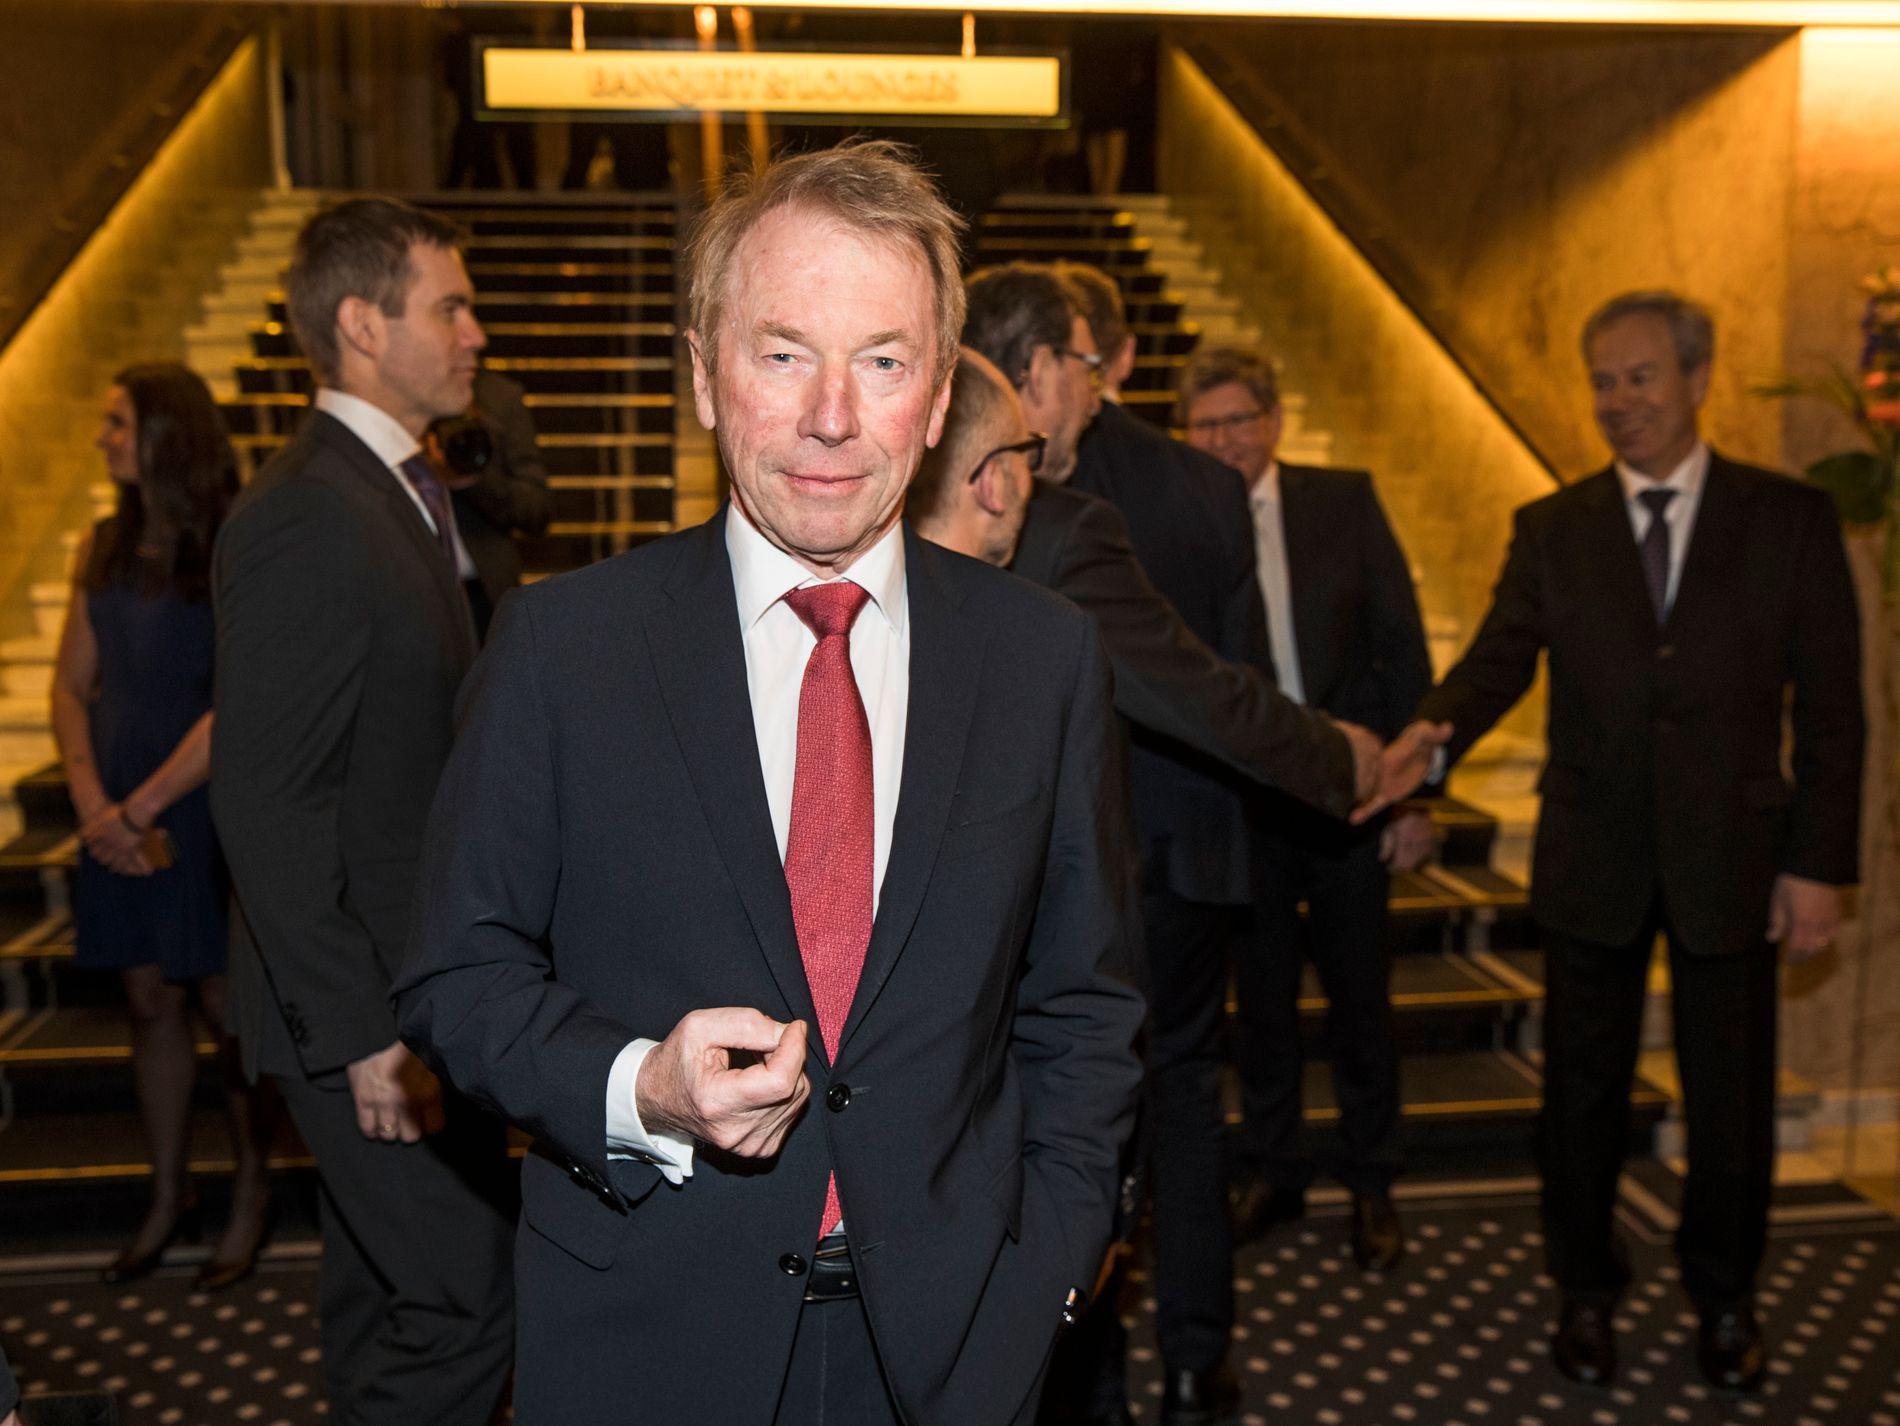 PÅ TIDE: Jens Ulltveit-Moe mener det er på sin plass at de som kjøper de dyreste elbilene må betale ekstra. Bildet er fra Norges Banks årstale i 2016.